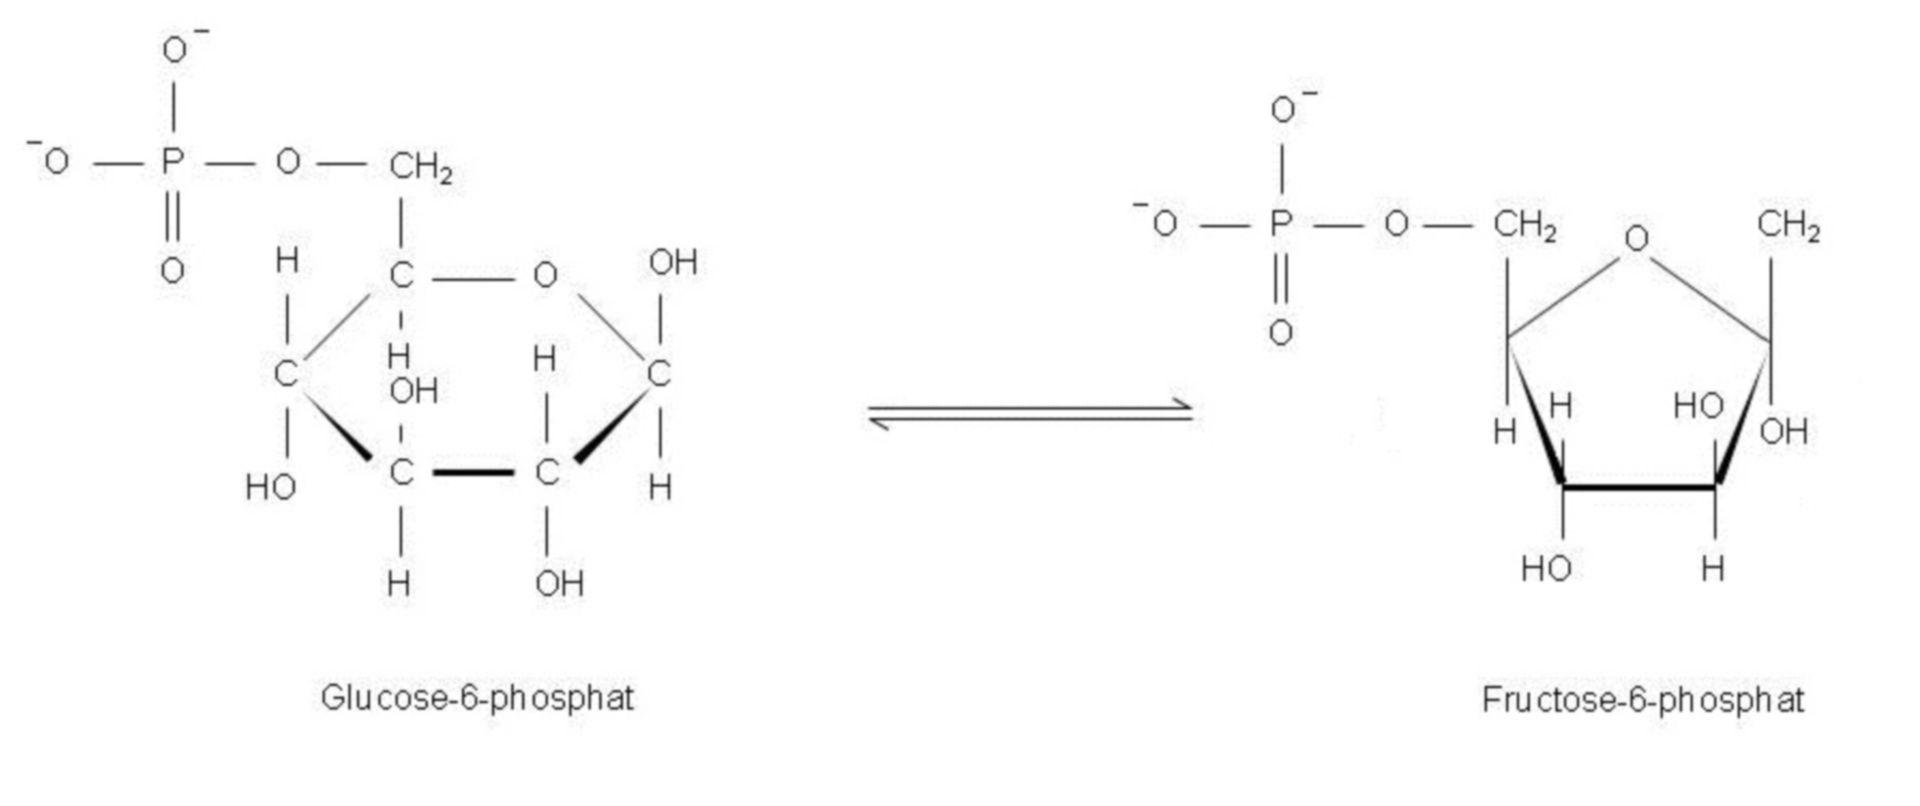 Isomerizzazione del glucosio-6-fosfato in fruttosio-6-fosfato